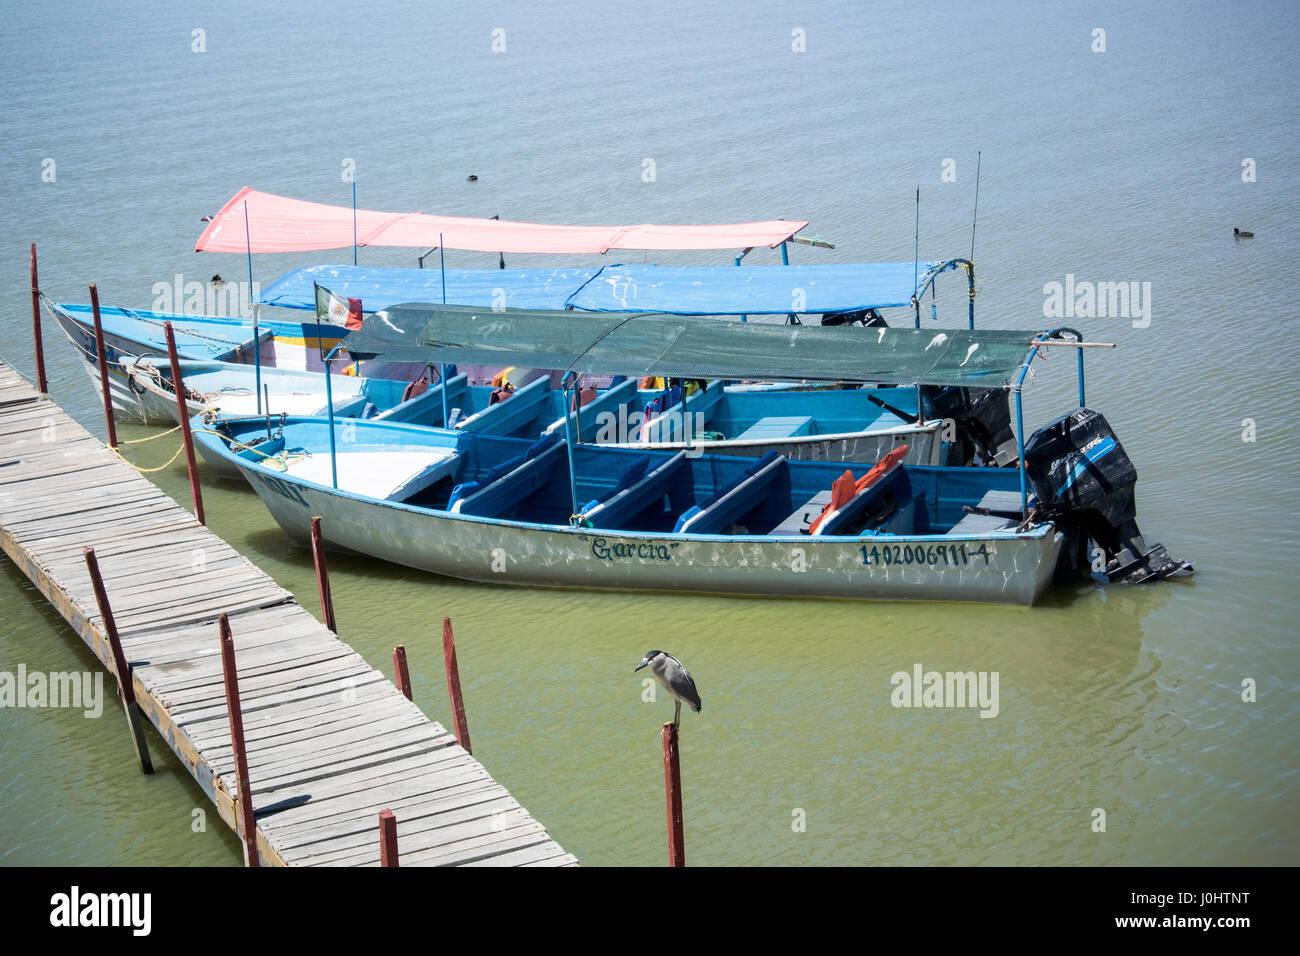 Festgemachten Boote, Seepromenade, Chapala, Jalisco, Mexiko. Chapala See ist das größte Organ des Süßwassers Stockbild